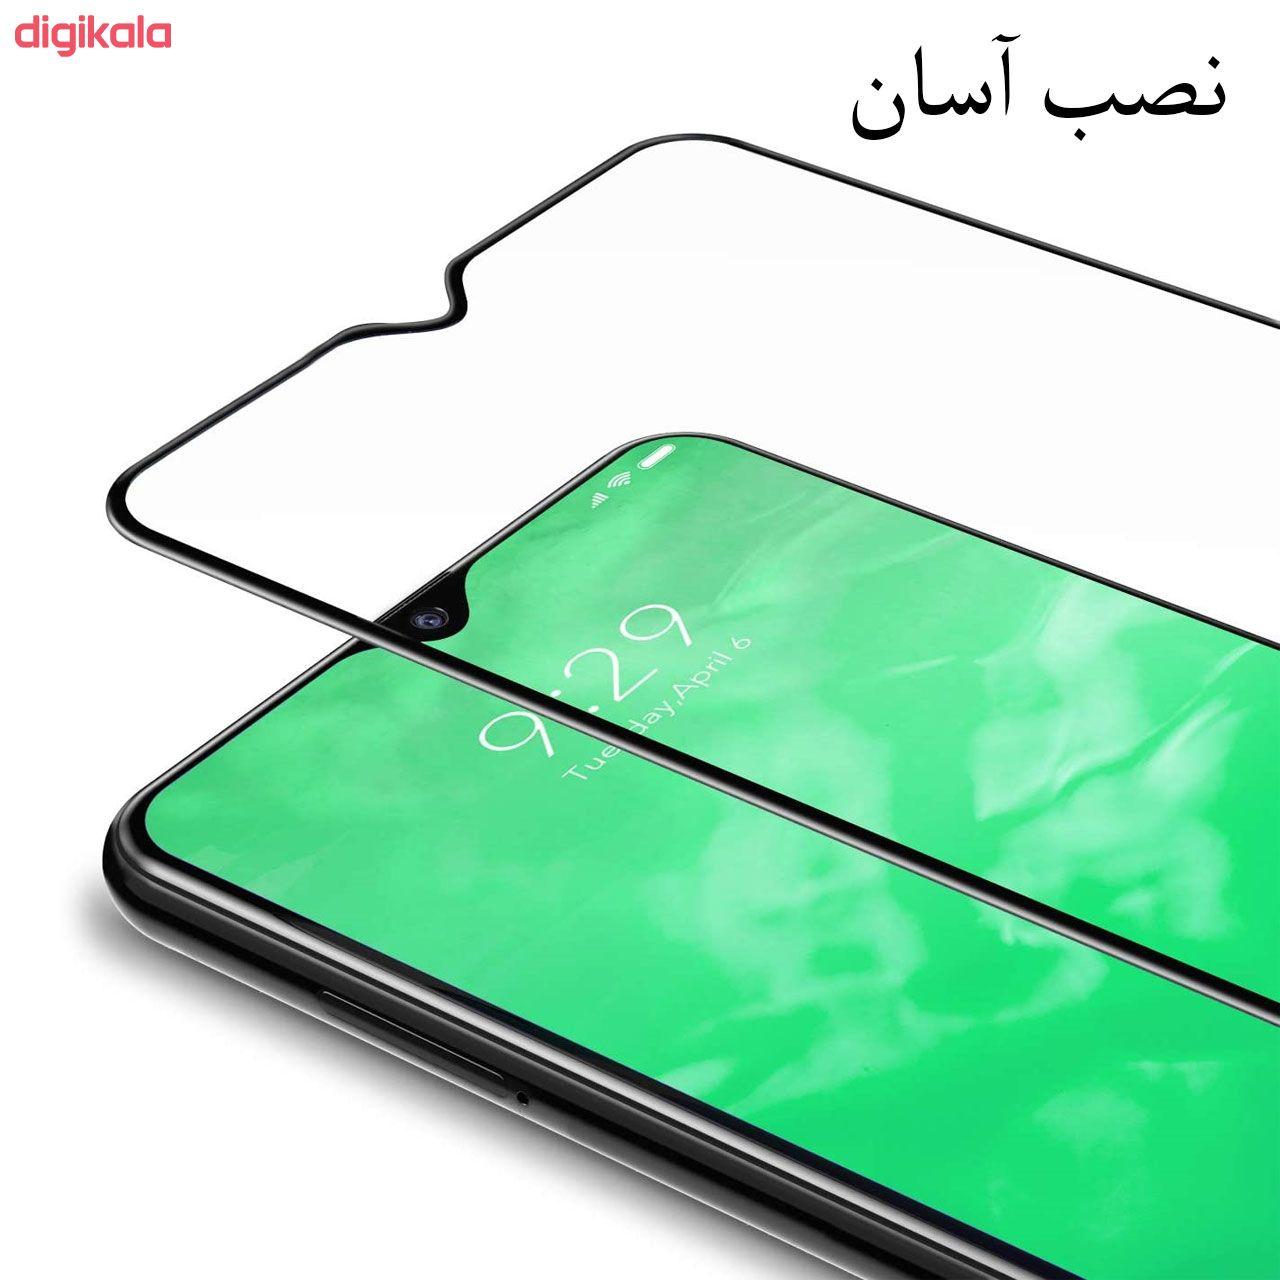 محافظ صفحه نمایش مدل FCG مناسب برای گوشی موبایل شیائومی Poco M3 بسته سه عددی main 1 5